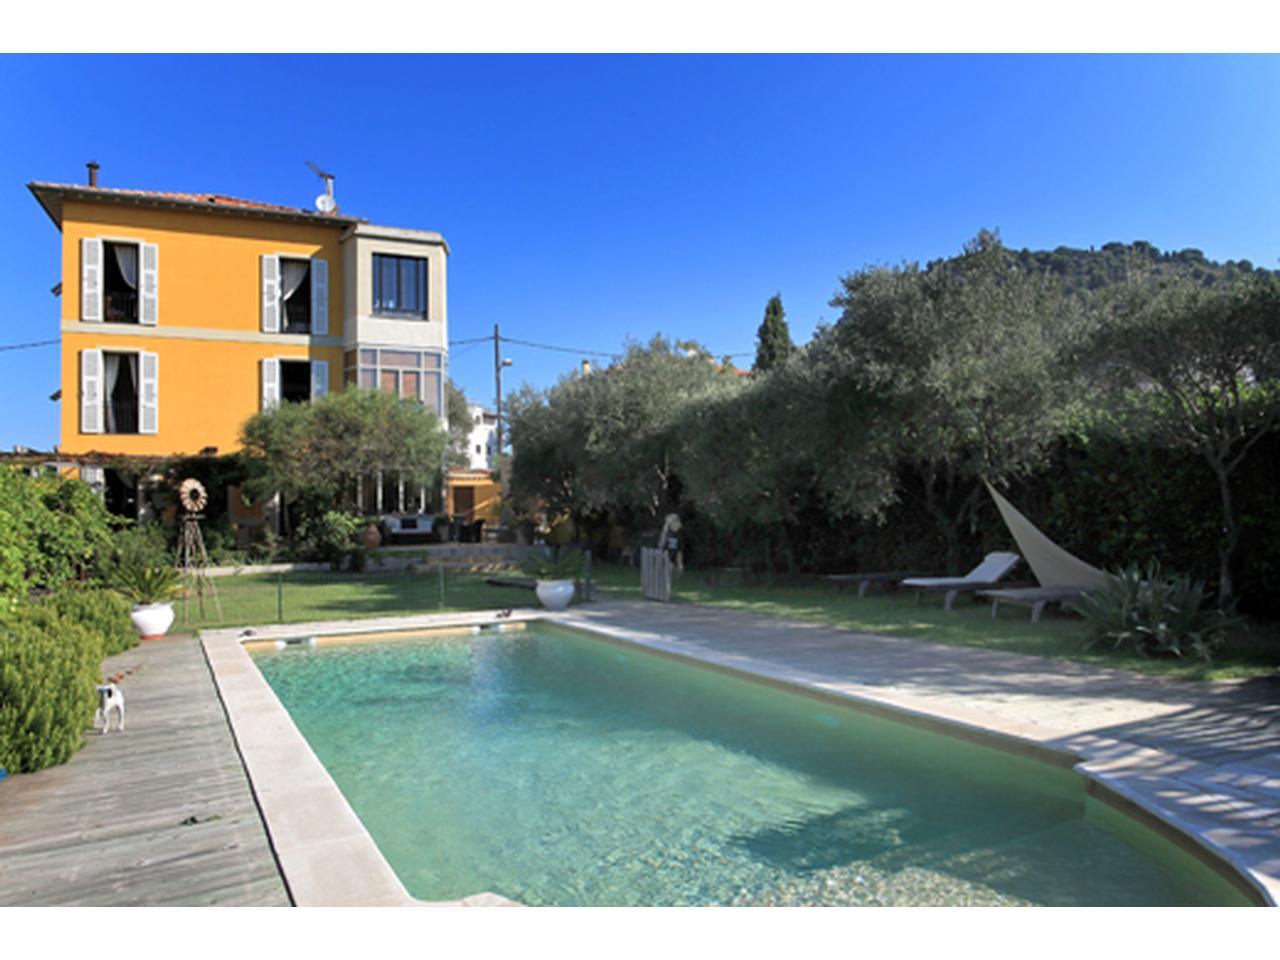 propriété 2 villas a vendre vue mer nice mont boron -> Roche Bobois A Vendre Nice